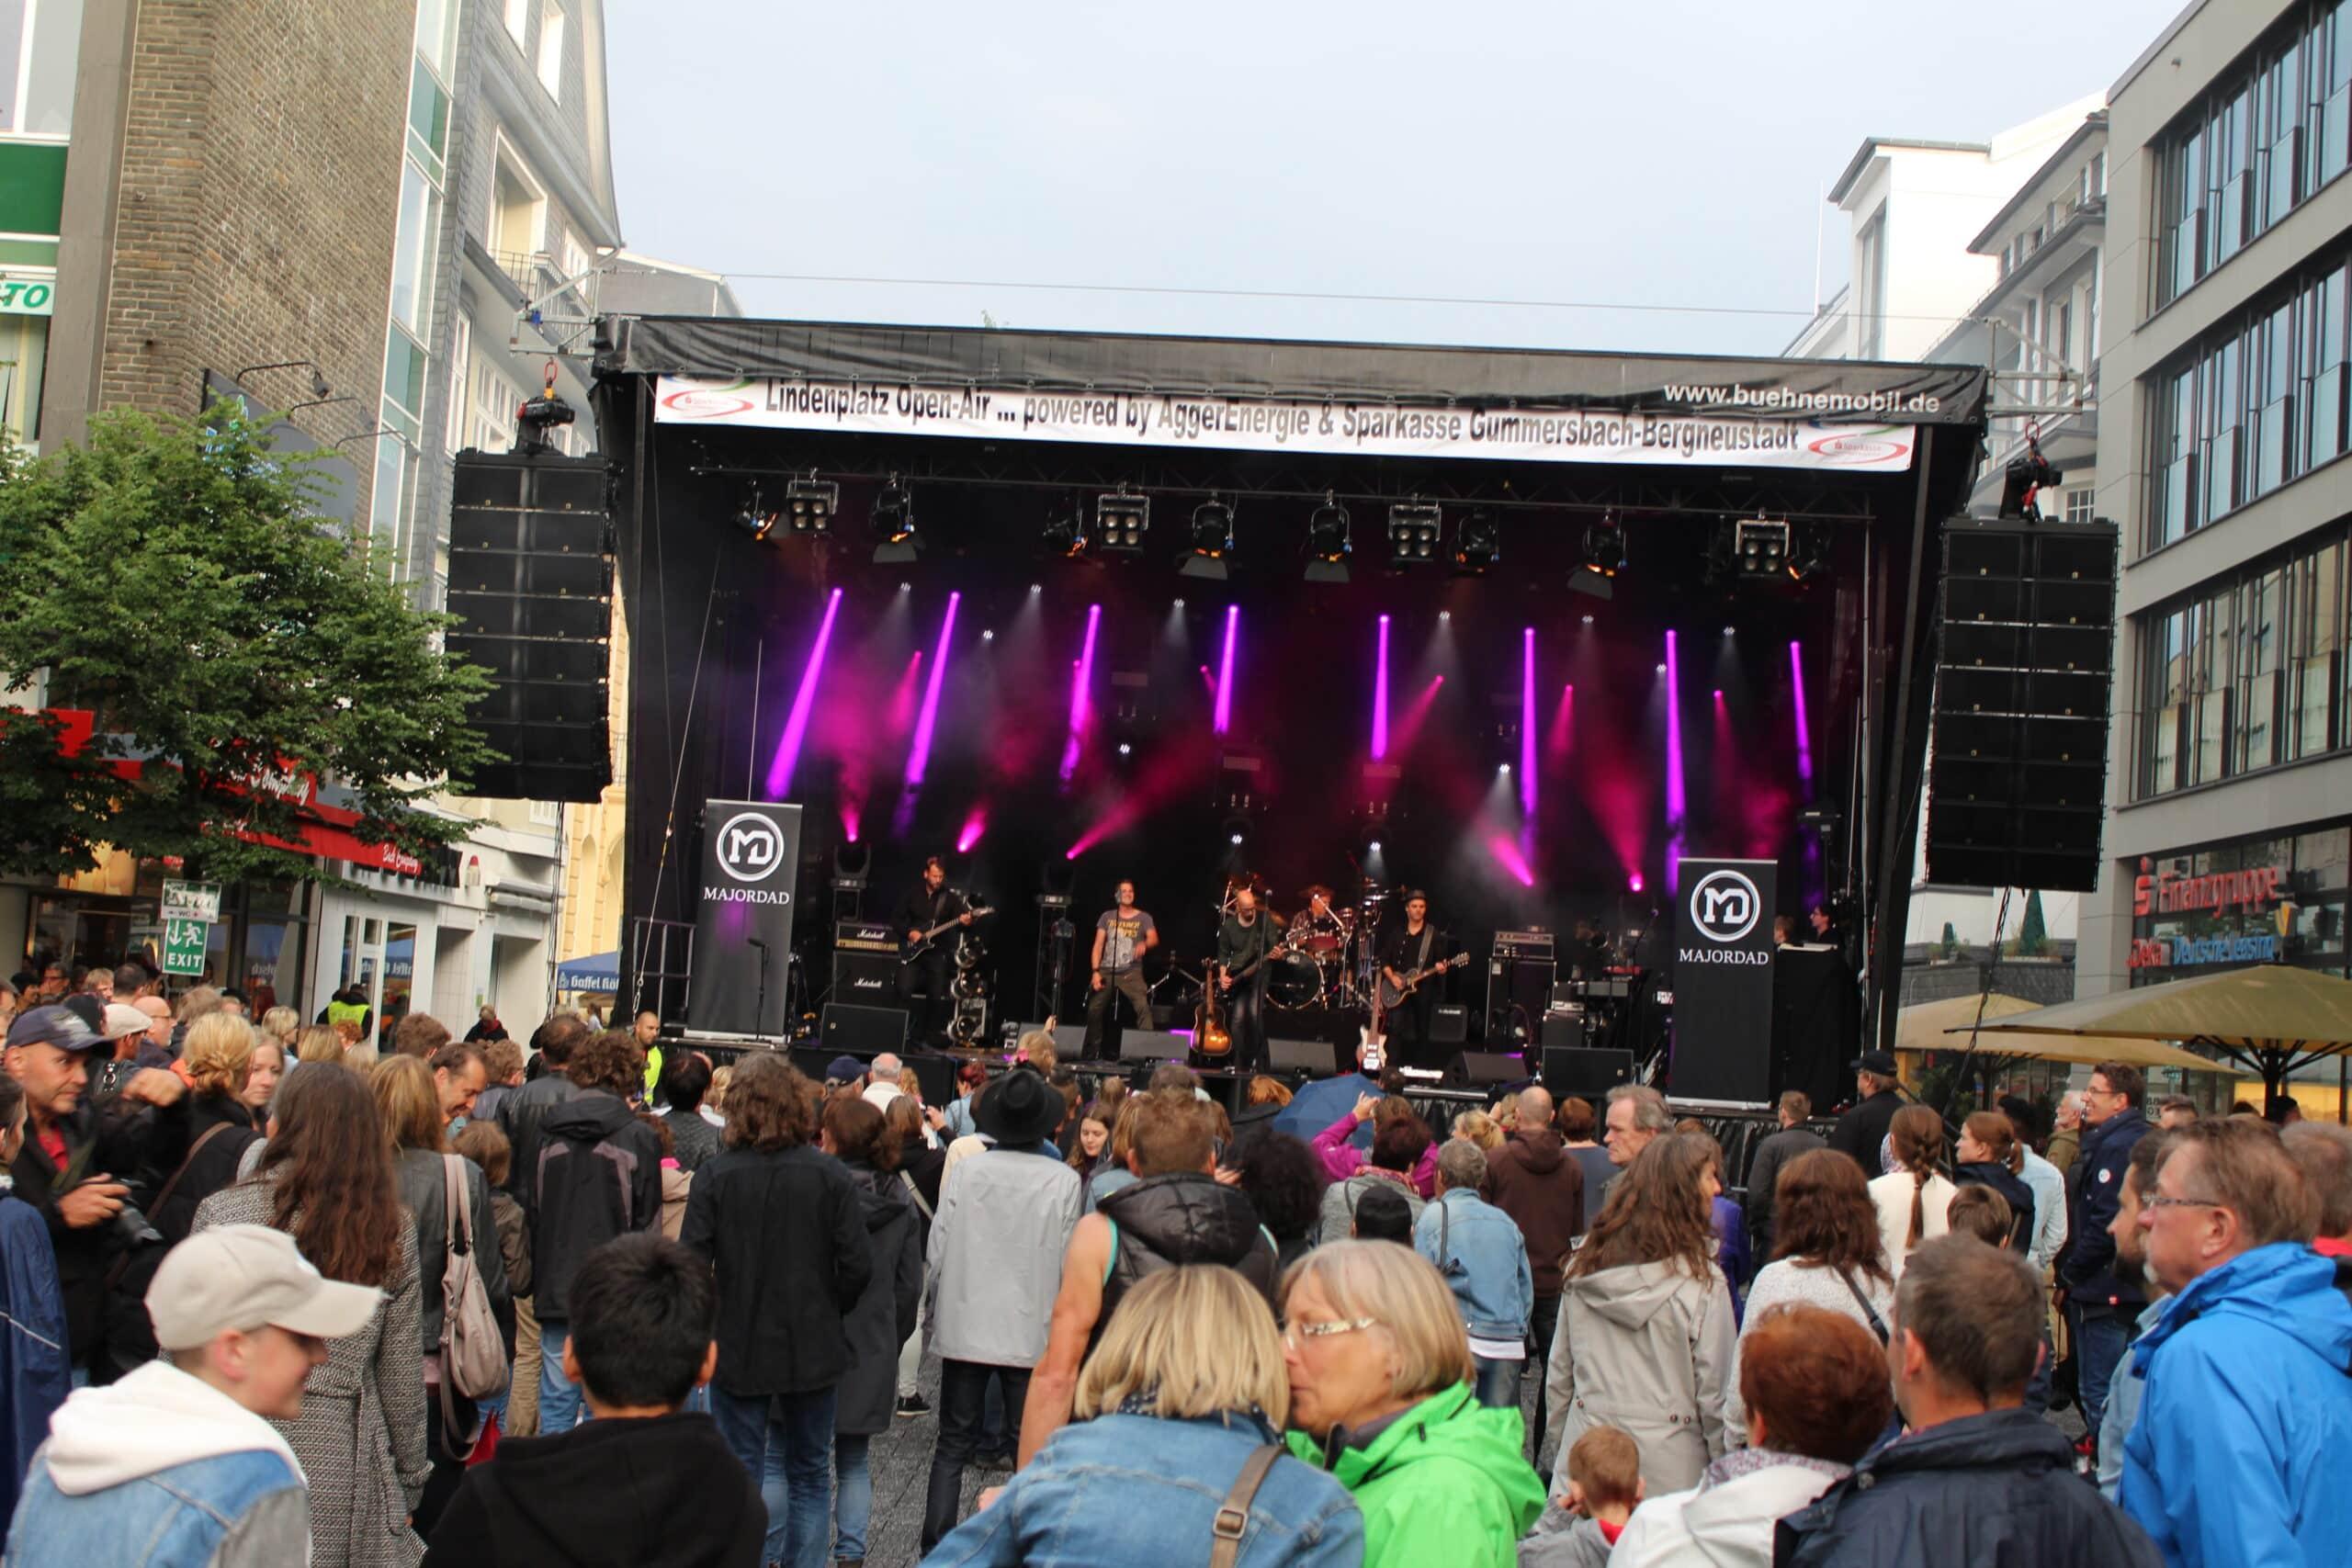 Ab 20 Uhr besserte sich das Wetter beim Lindenplatz Open Air in Gummersbach.